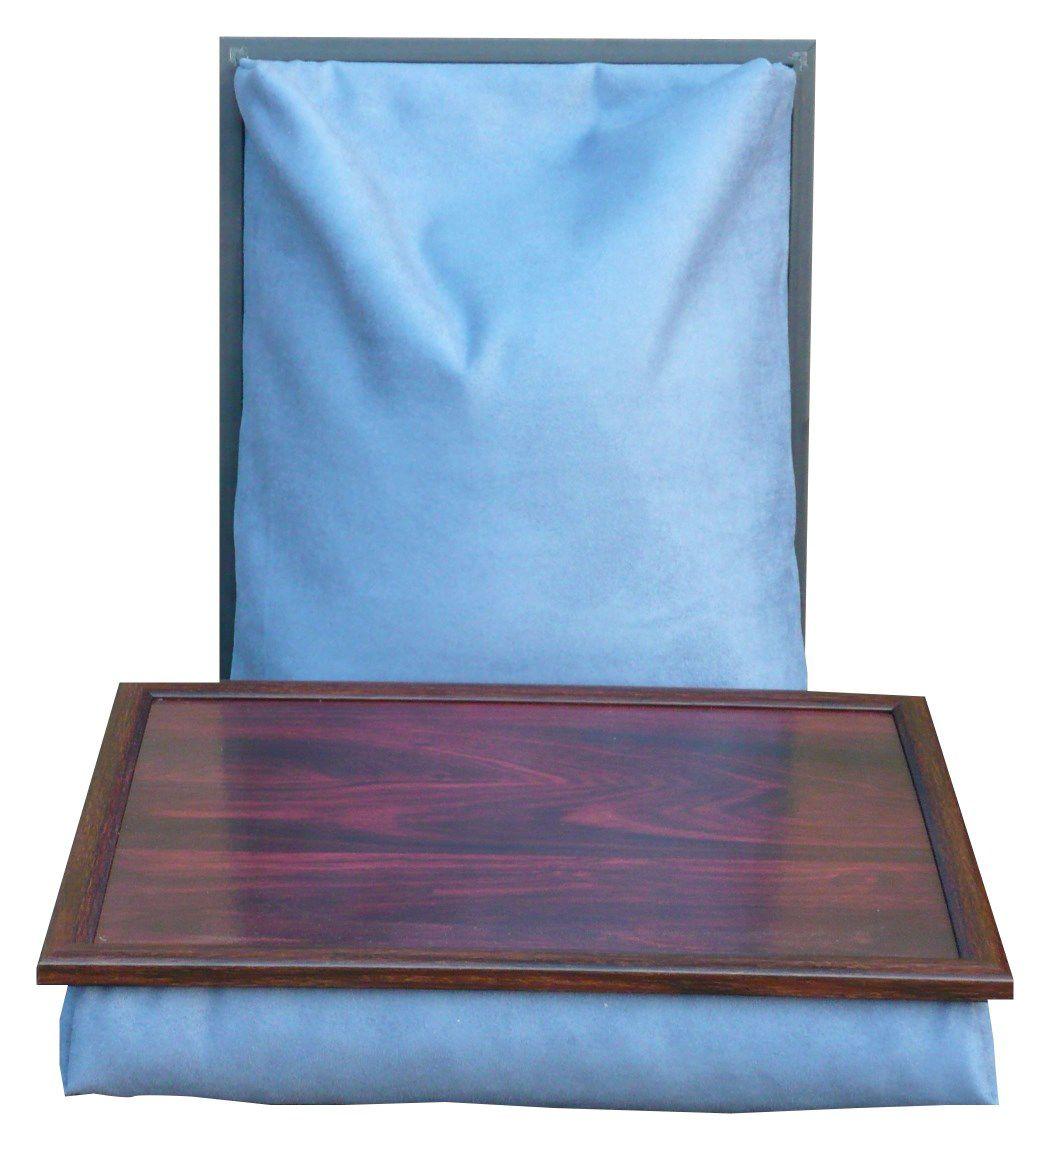 Blauw suedine schootkussen met mahonie blad en rand